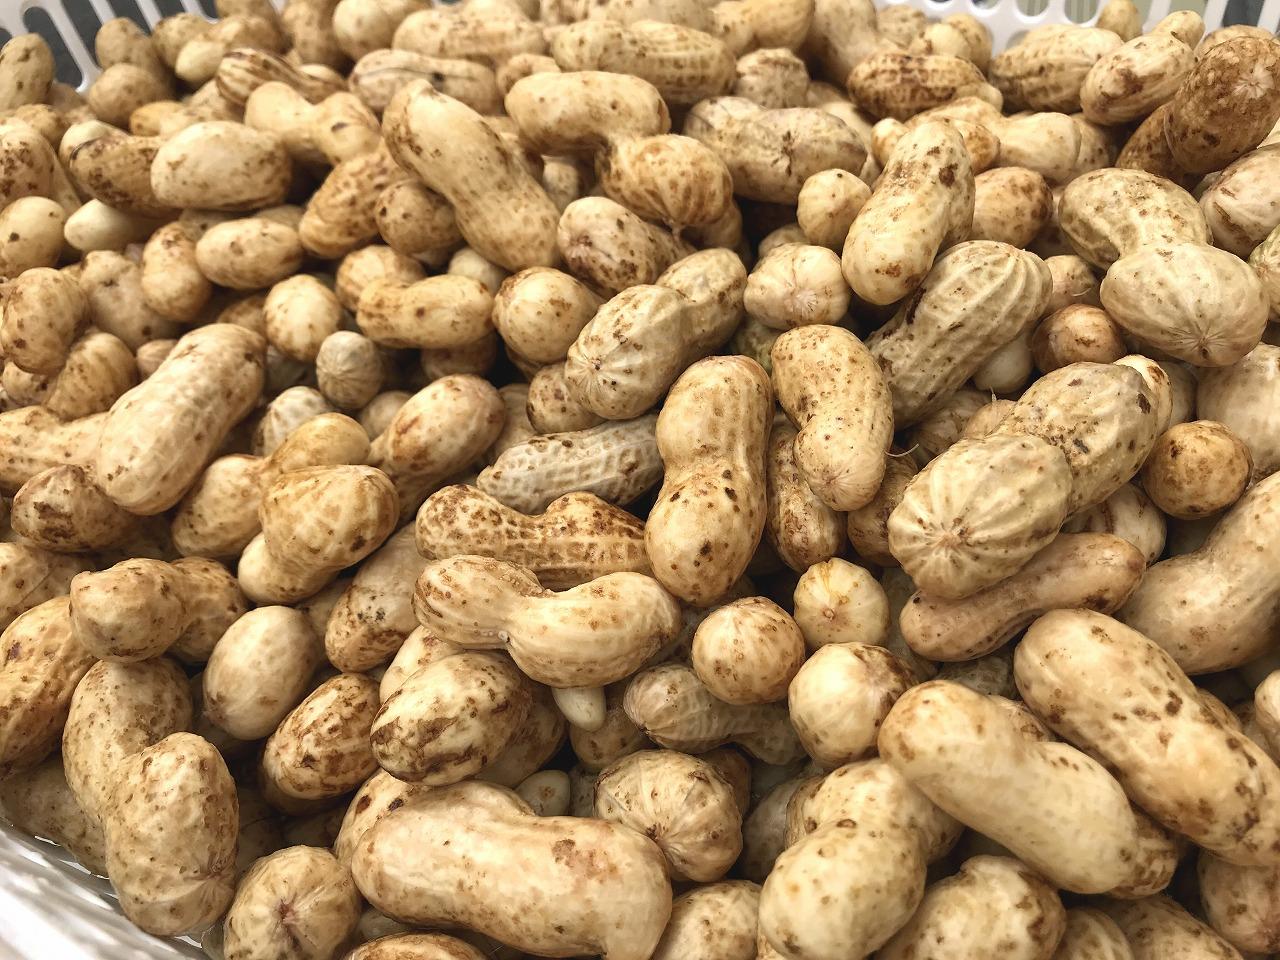 20171014-Peanut_Harvest-I03.jpg